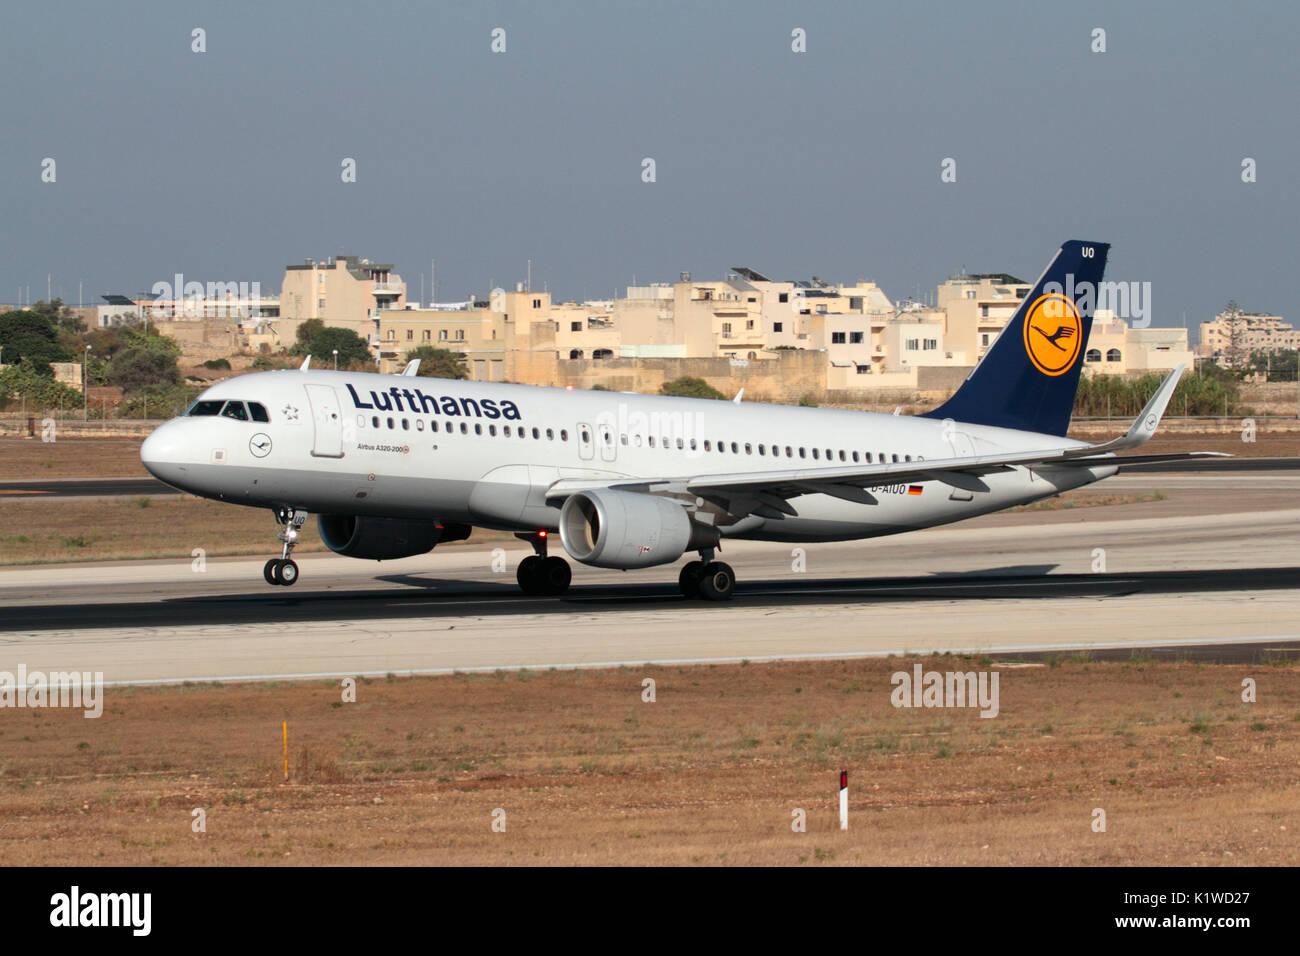 Lufthansa Airbus A320, avión de pasajeros girando la nariz hacia arriba en la pista durante el despegue. La aviación civil moderna y el transporte aéreo. Foto de stock